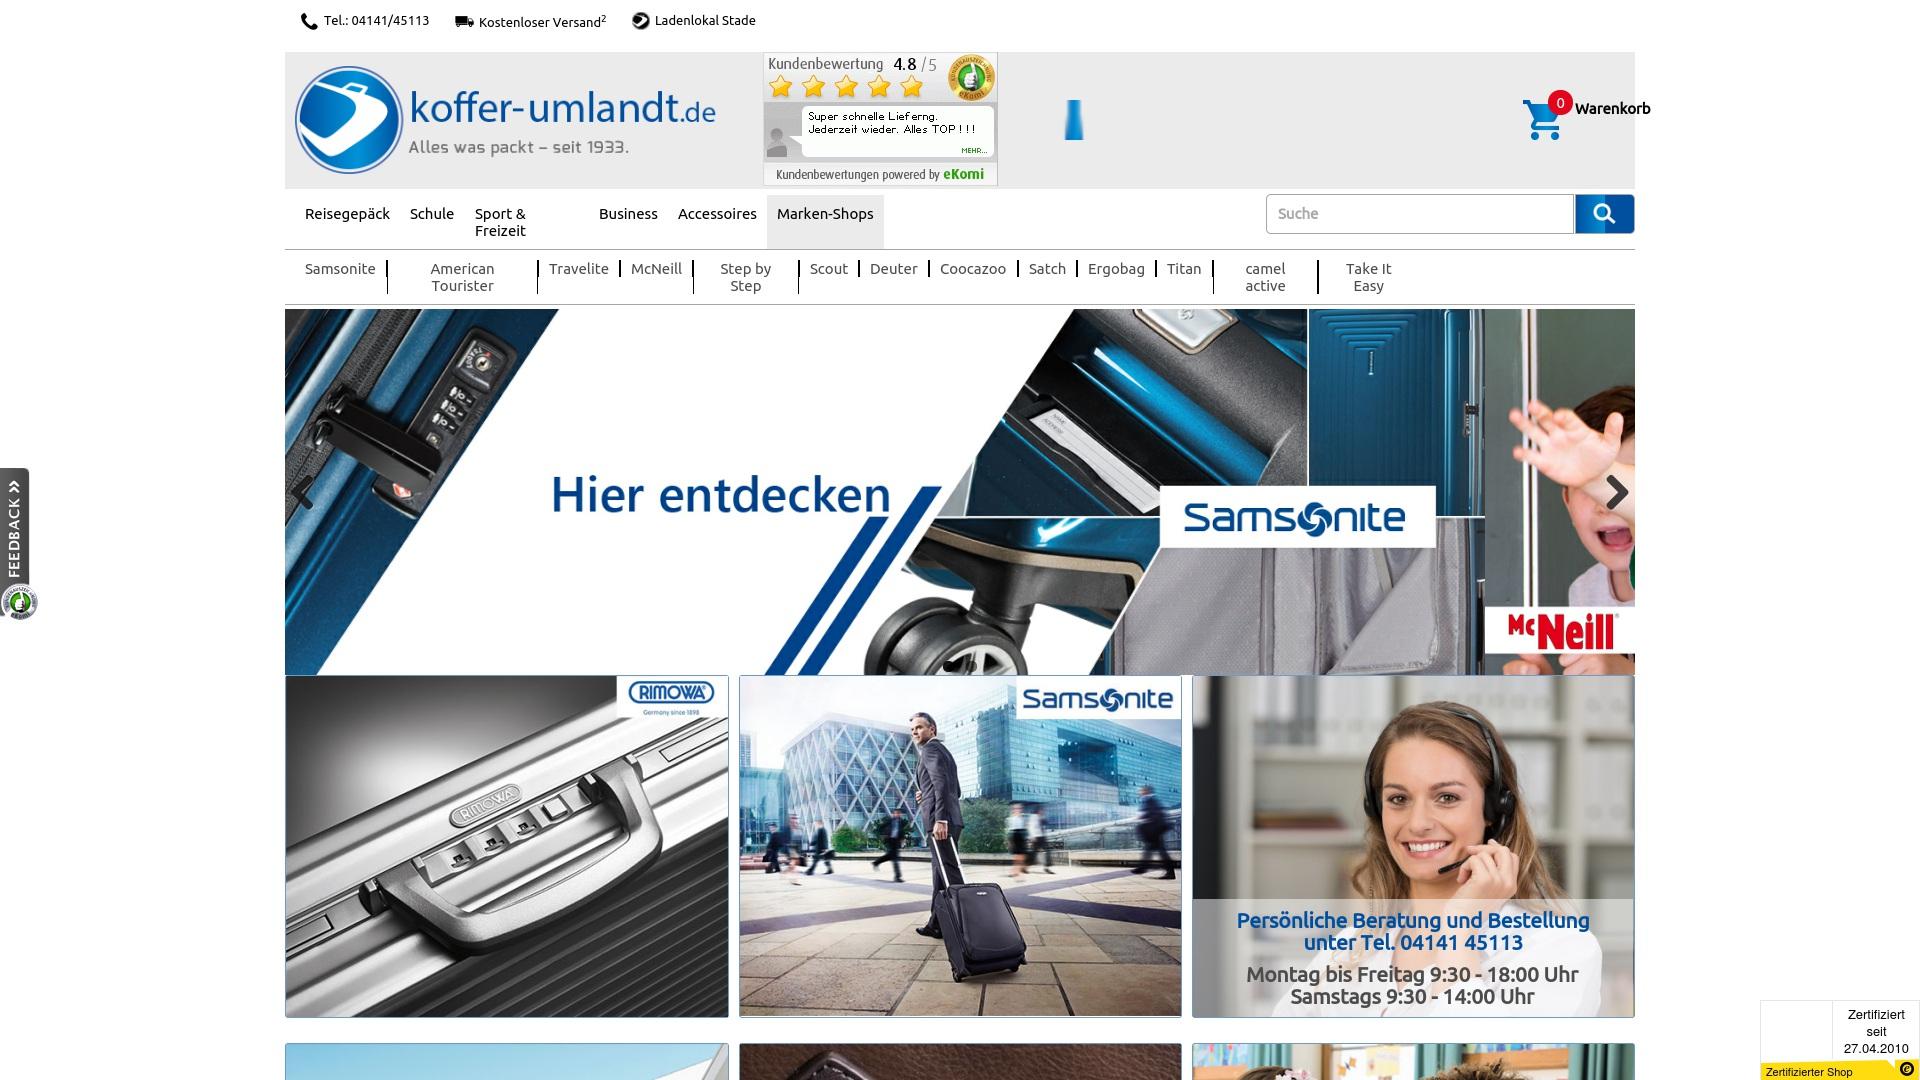 Geld zurück bei Koffer-umlandt: Jetzt im Oktober 2021 Cashback für Koffer-umlandt sichern